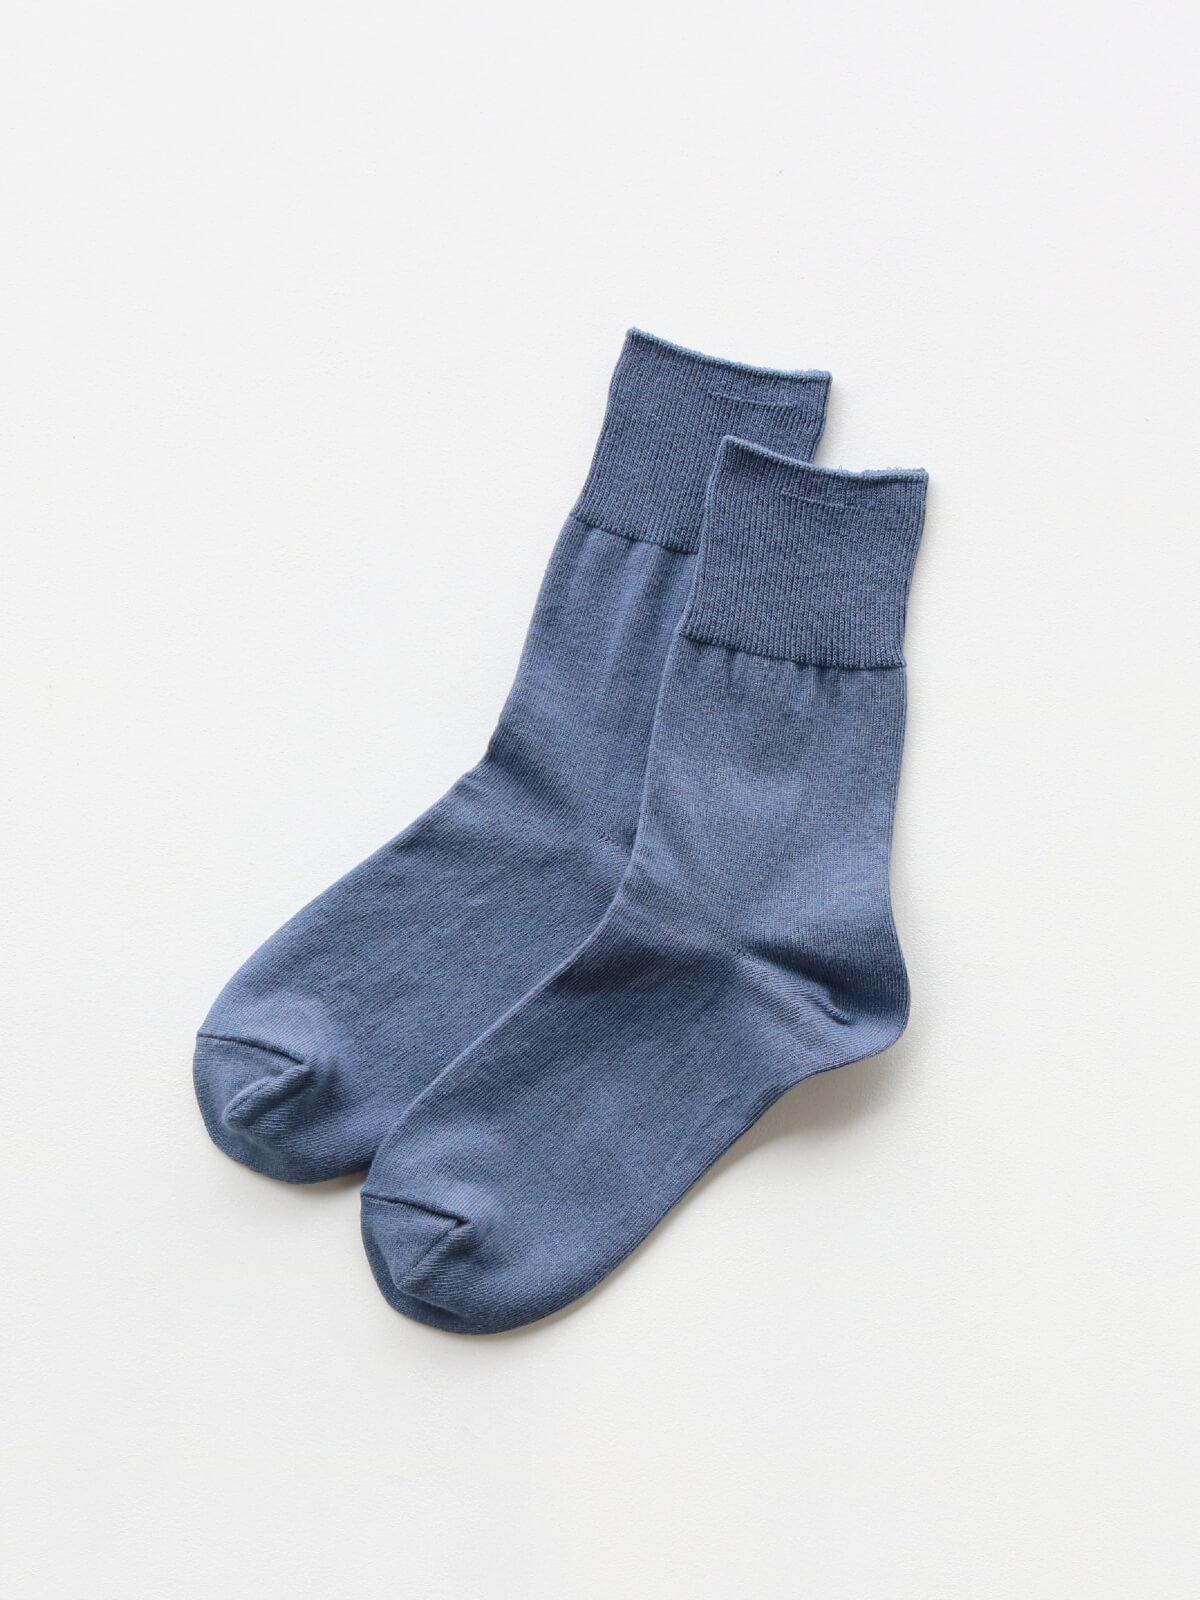 当たりつきギフト専用靴下のLUCKY SOCKS(ラッキーソックス)のLight Ankle Socks(ライトアンクルソックス)のインディゴ_2